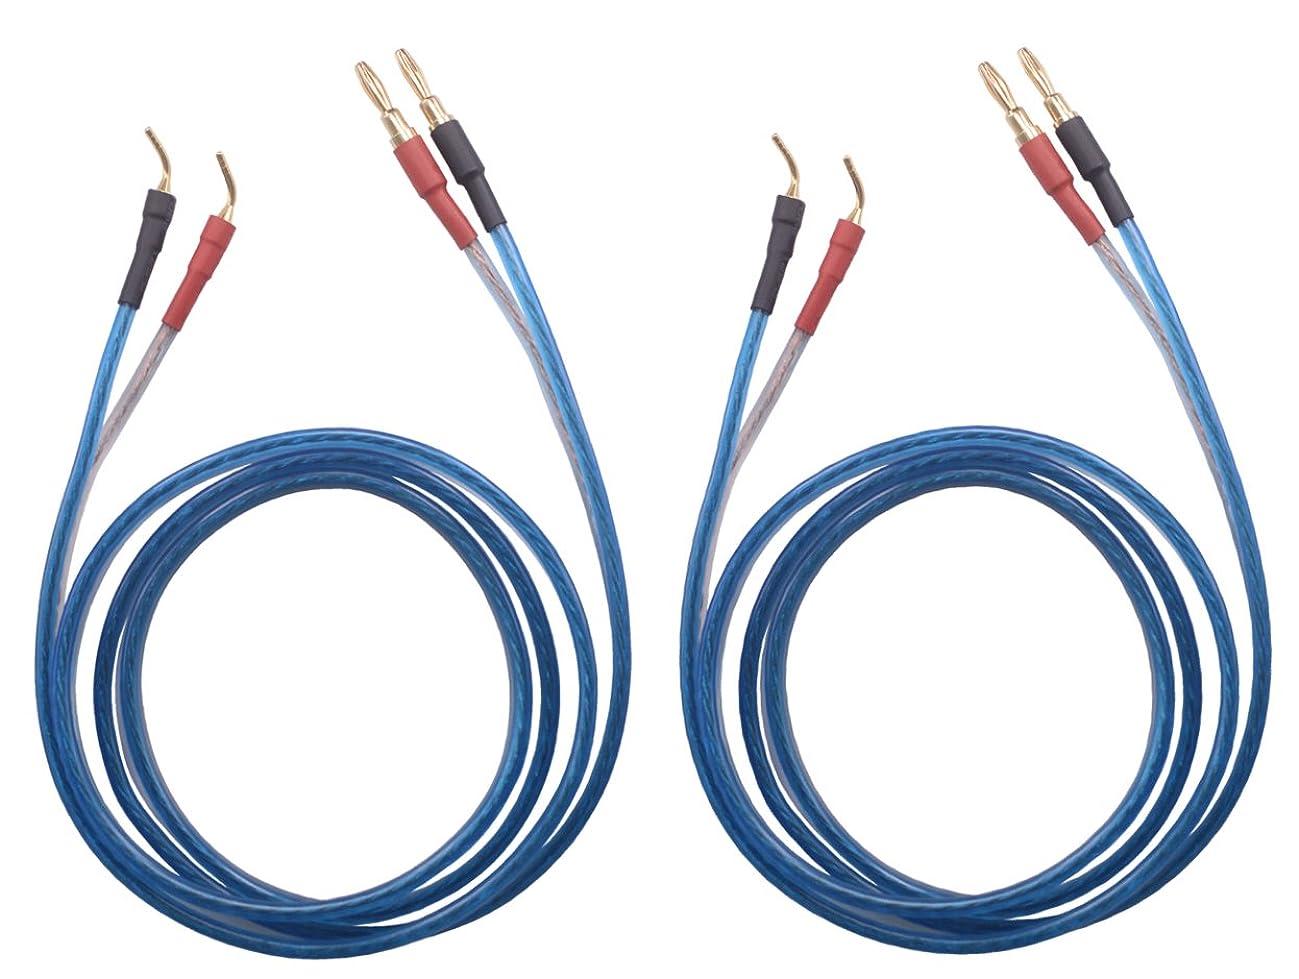 ラジエーター優先権以内にKK ZB-SB 1ペアセット (4バナナ&4ピン) HIFI OFC スピーカーワイヤ バナナプラグ - ピンタイププラグ 1.5m (4.92フィート) / 3m (9.84フィート) / 5m (16フィート) / 7m (22.9フィート) KK ZB-SB 1.5M(4.92ft) LYSB01M641W3W-ELECTRNCS